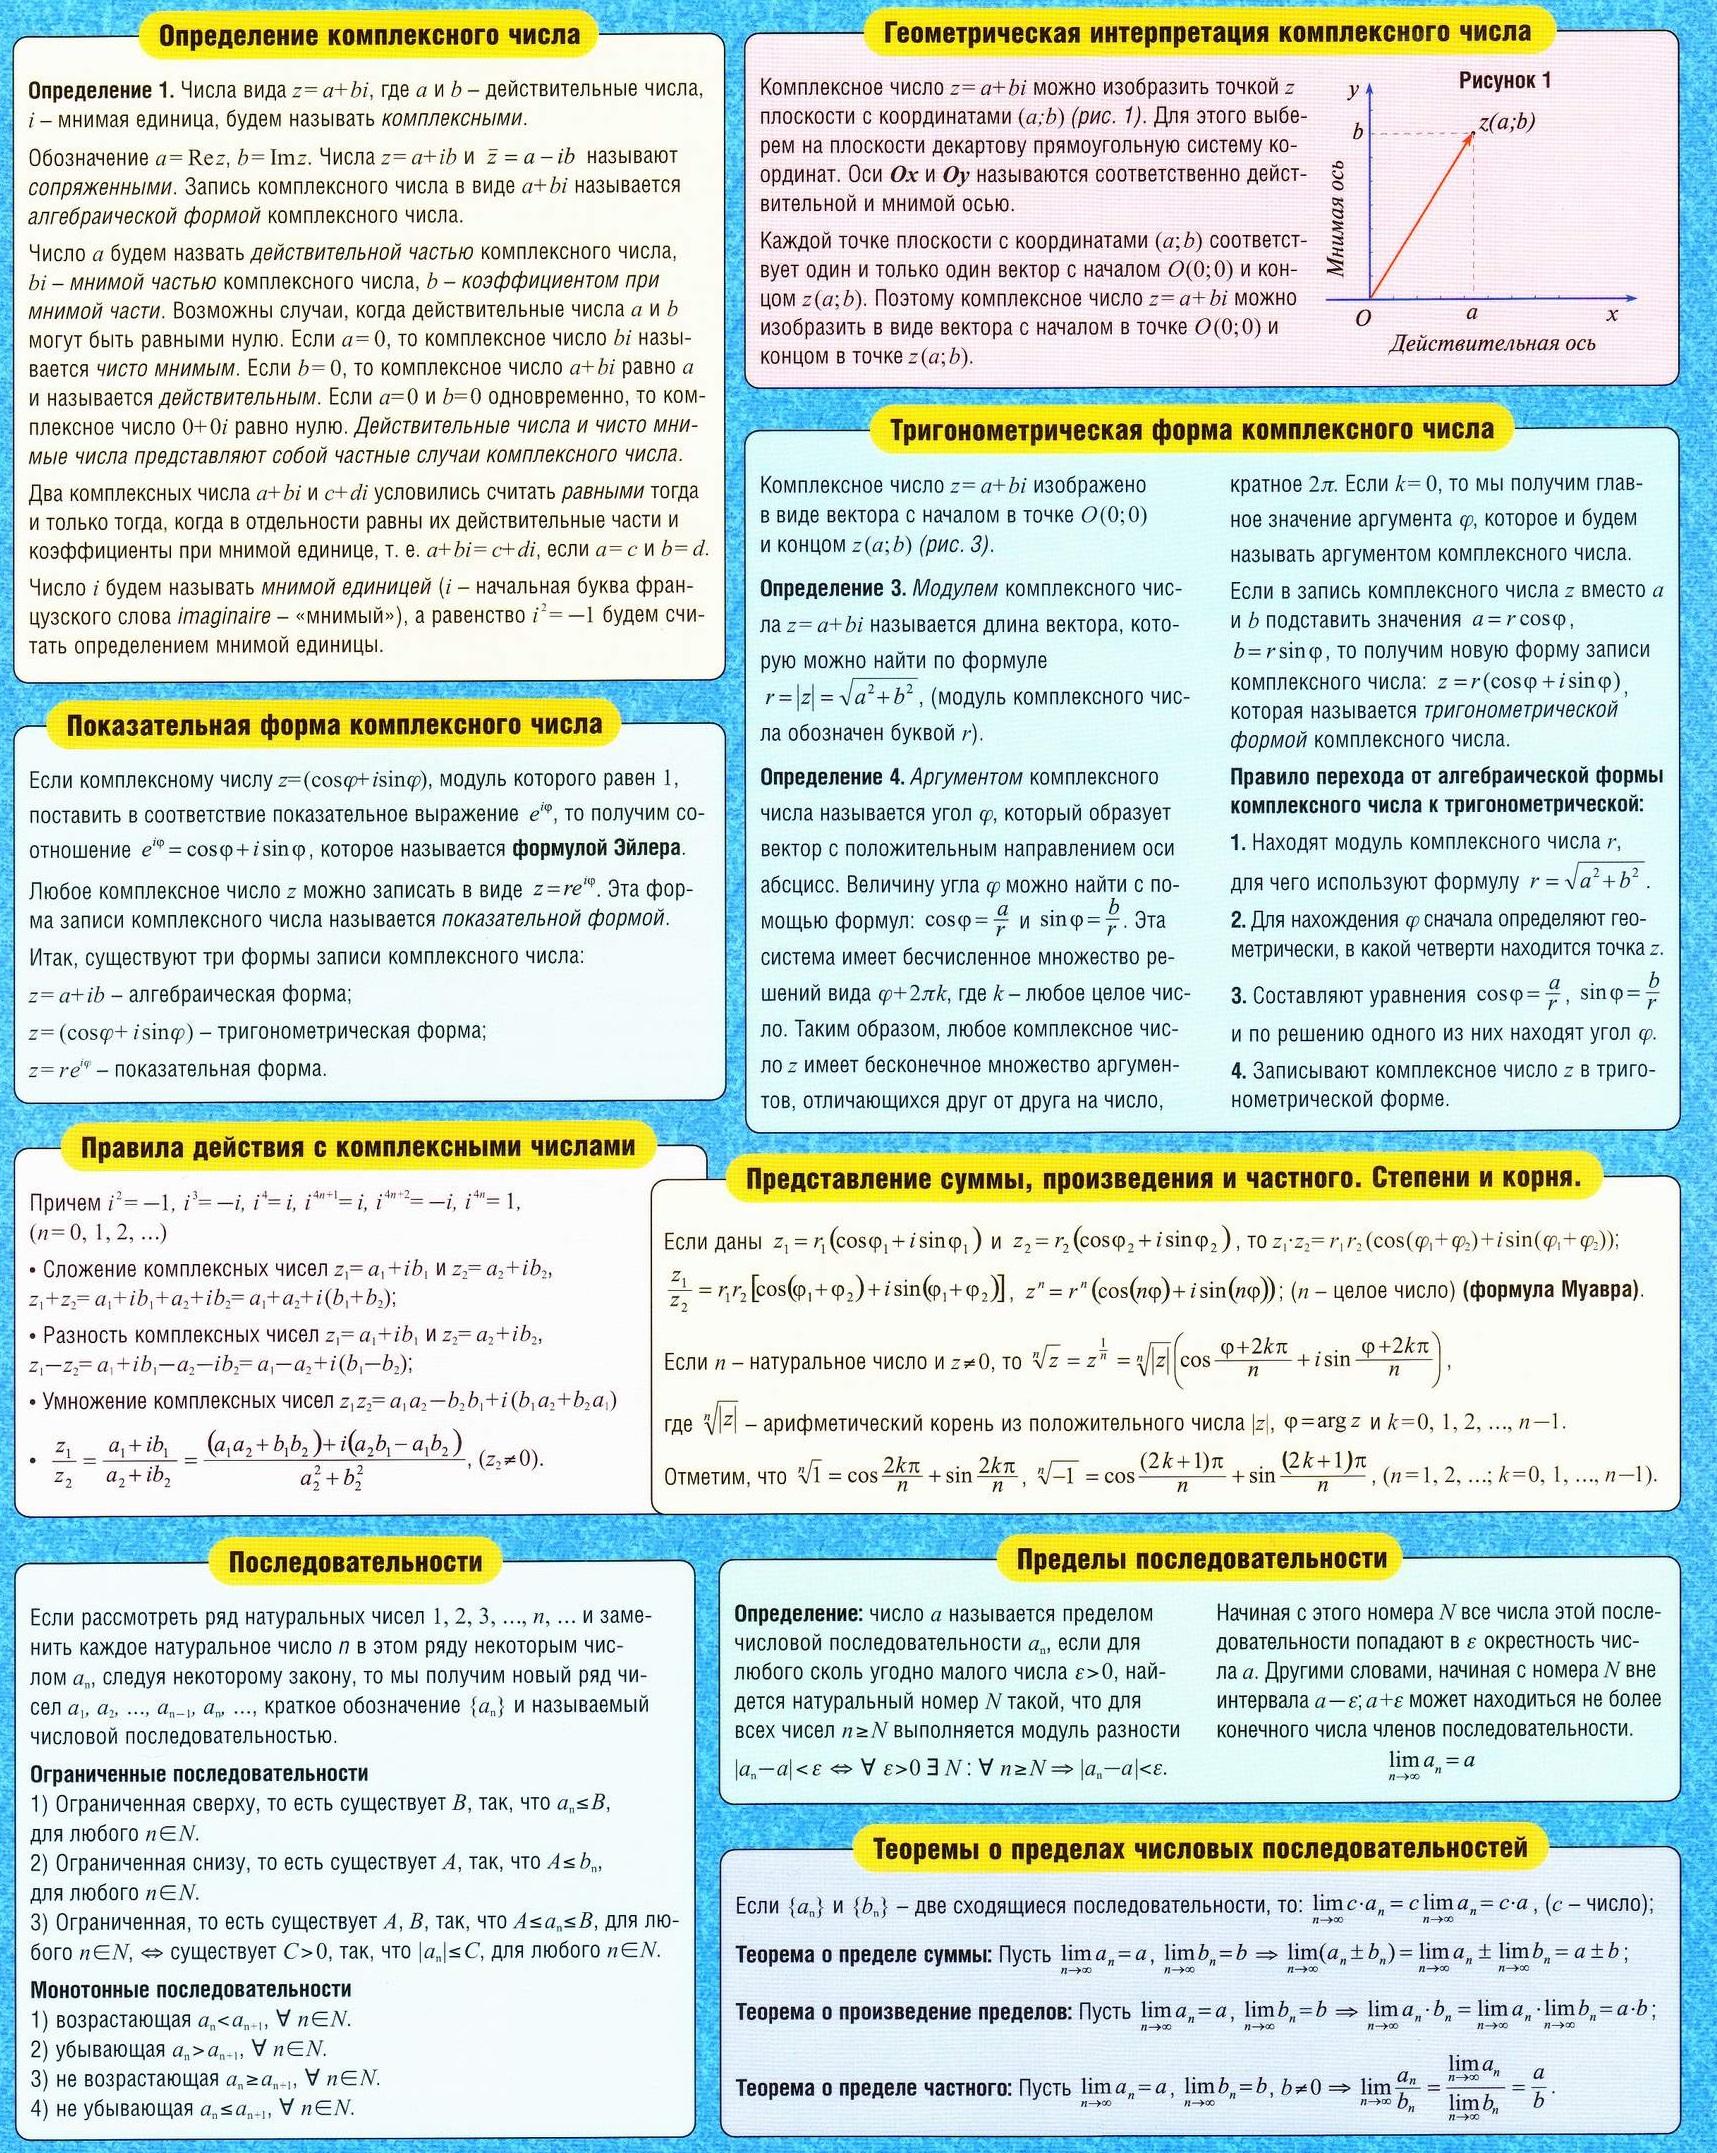 Определение комплексного числа. Геометрическая интерпретация комплексного числа. Тригонометрическая форма комплексного числа. Показательная форма комплексного числа. Действия с комплексными числами. Последовательности, пределы последовательности. Теоремы о пределах числовых последовательностей.